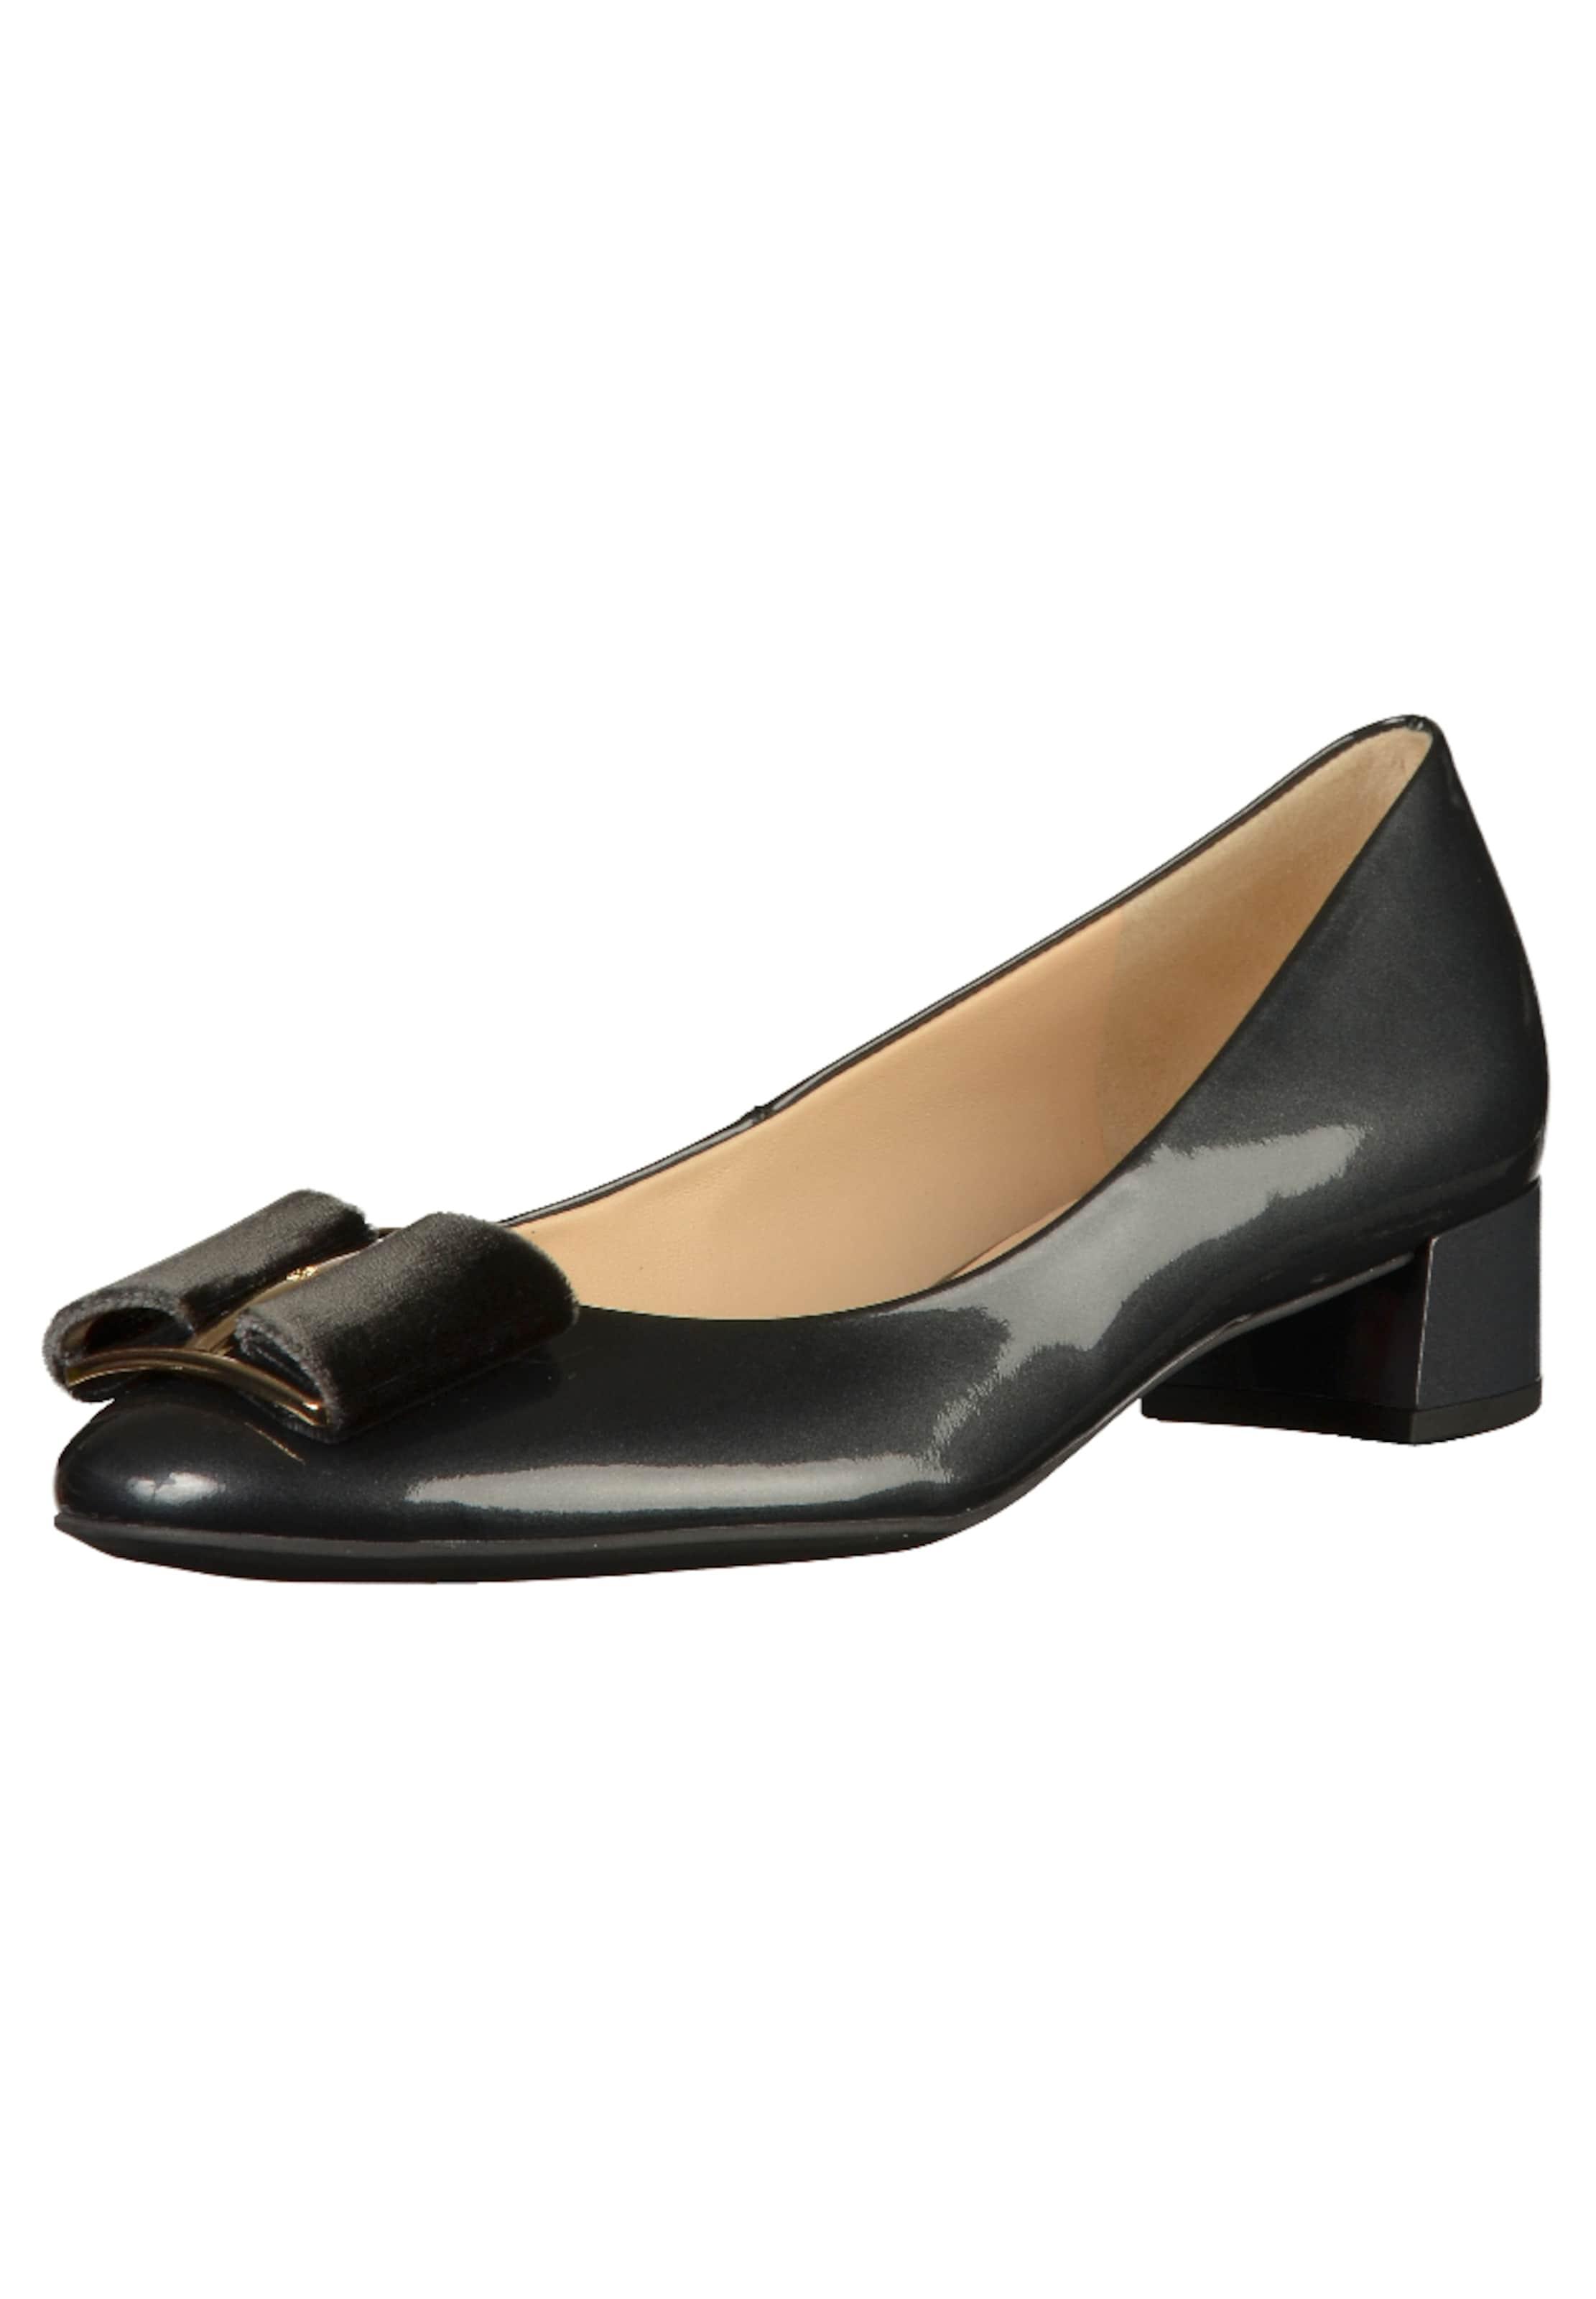 Högl Pumps Verschleißfeste billige Schuhe Hohe Qualität